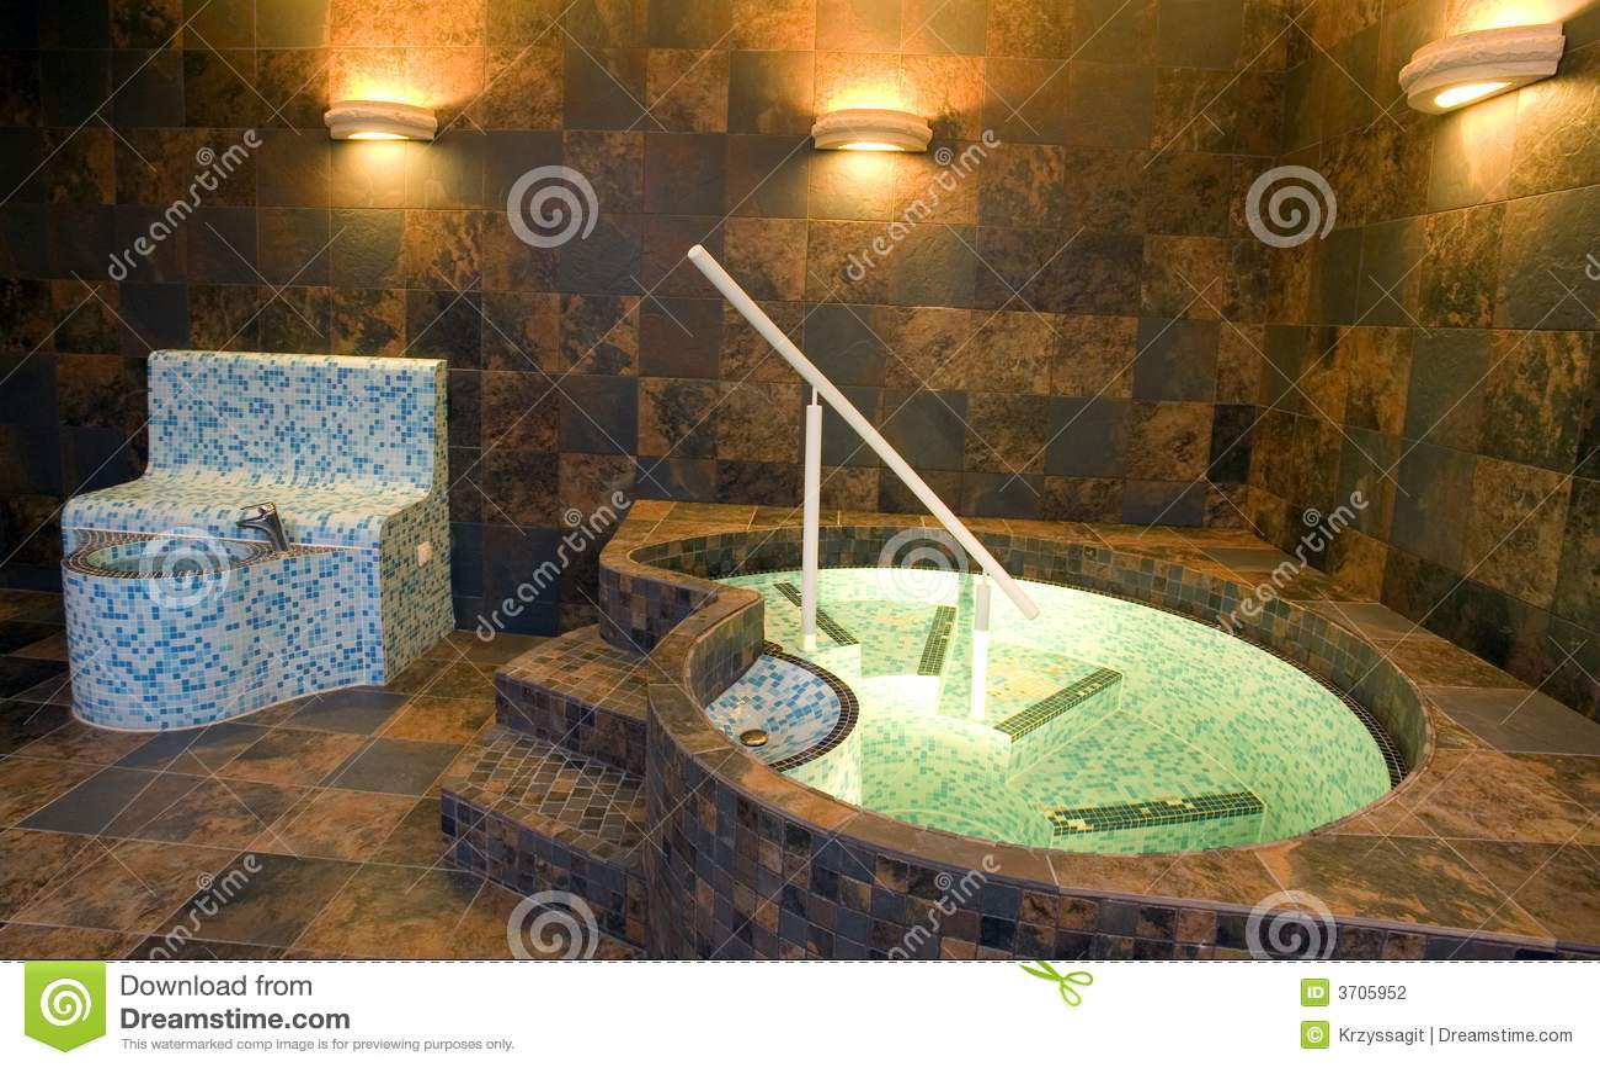 Luxury Bathroom With Jacuzzi Stock Photography Image